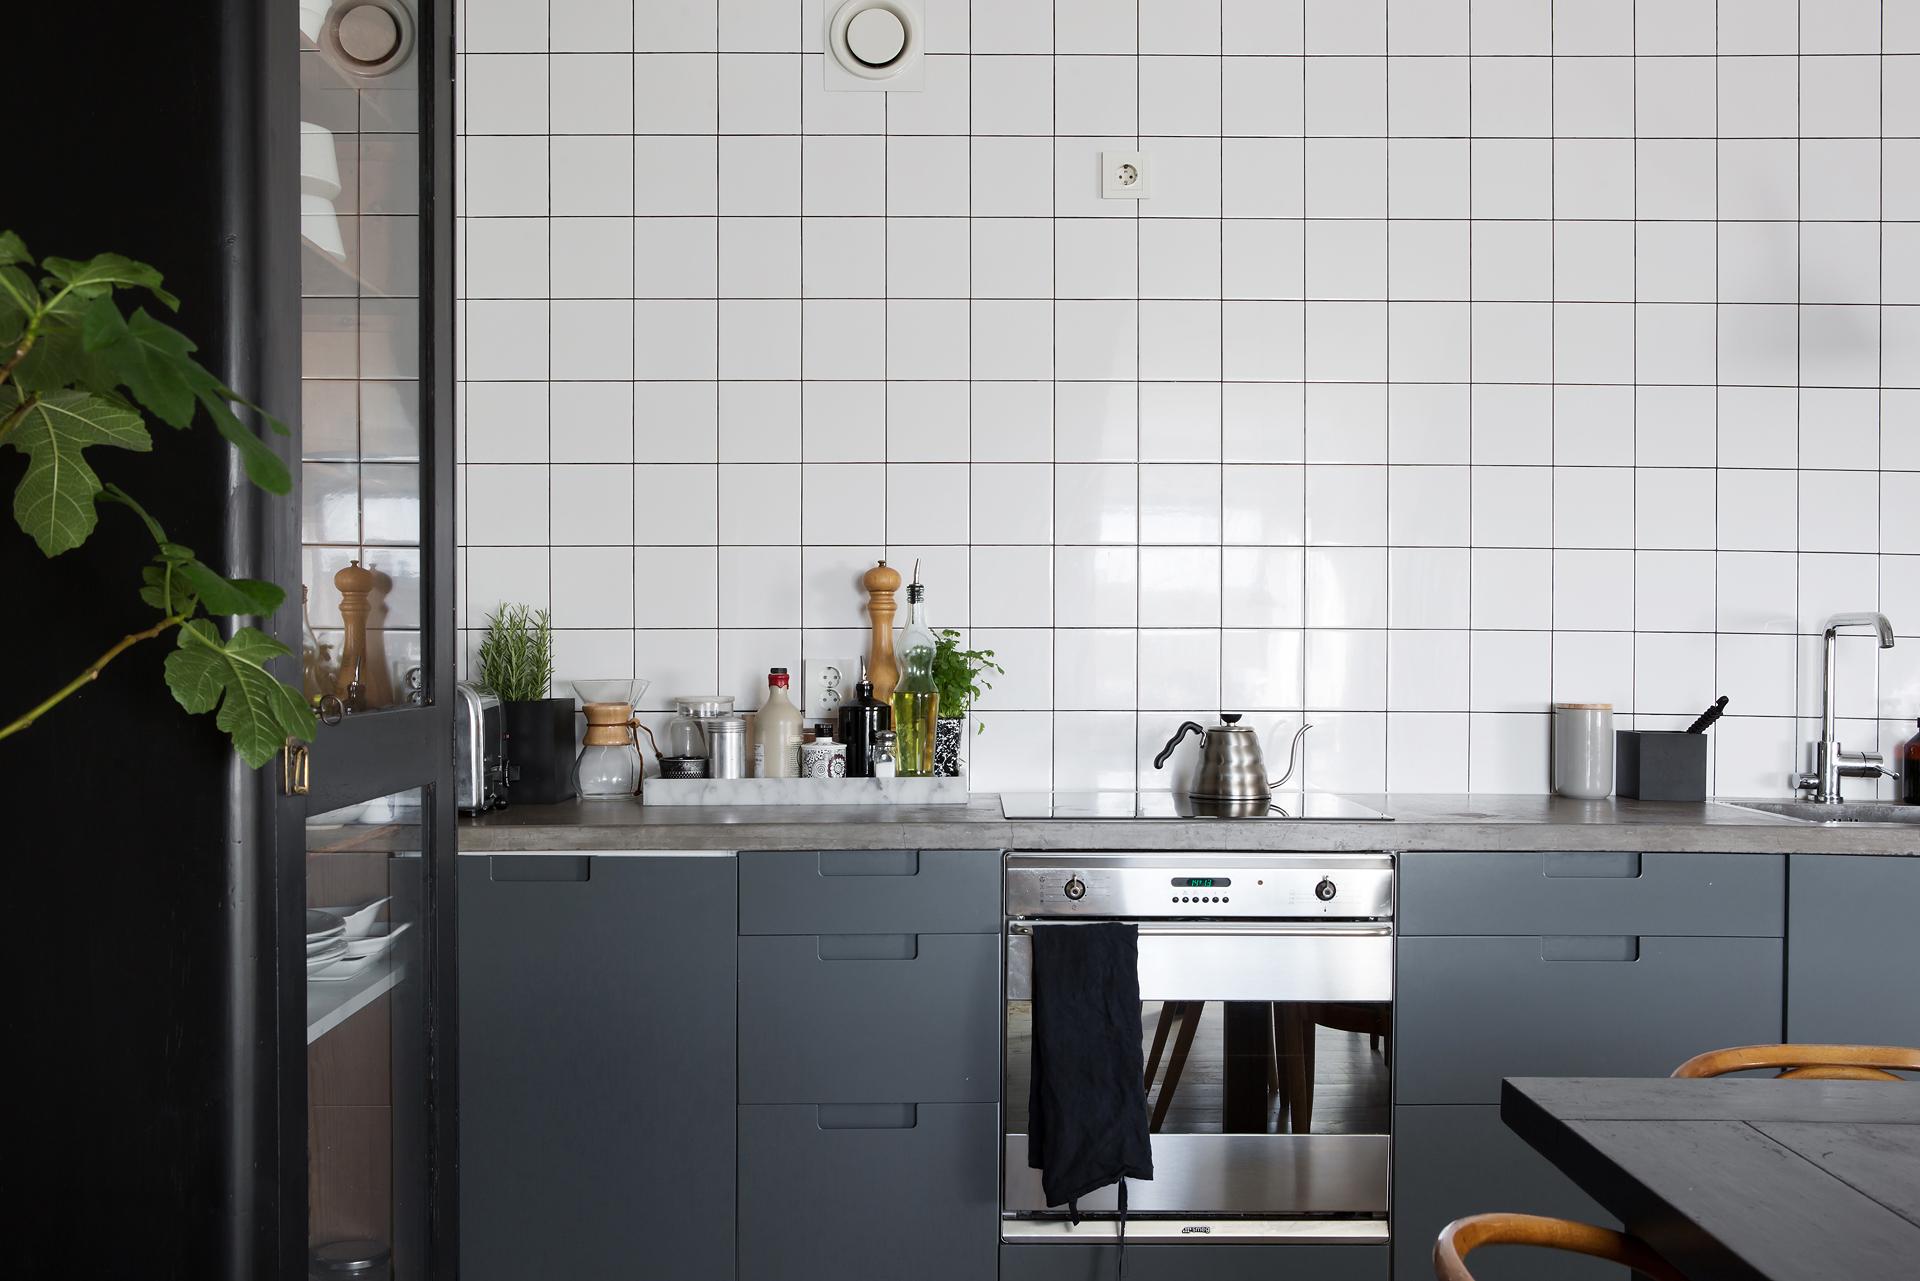 Inredningshjälpen: frejgatan 46b – perfekt operfekt!